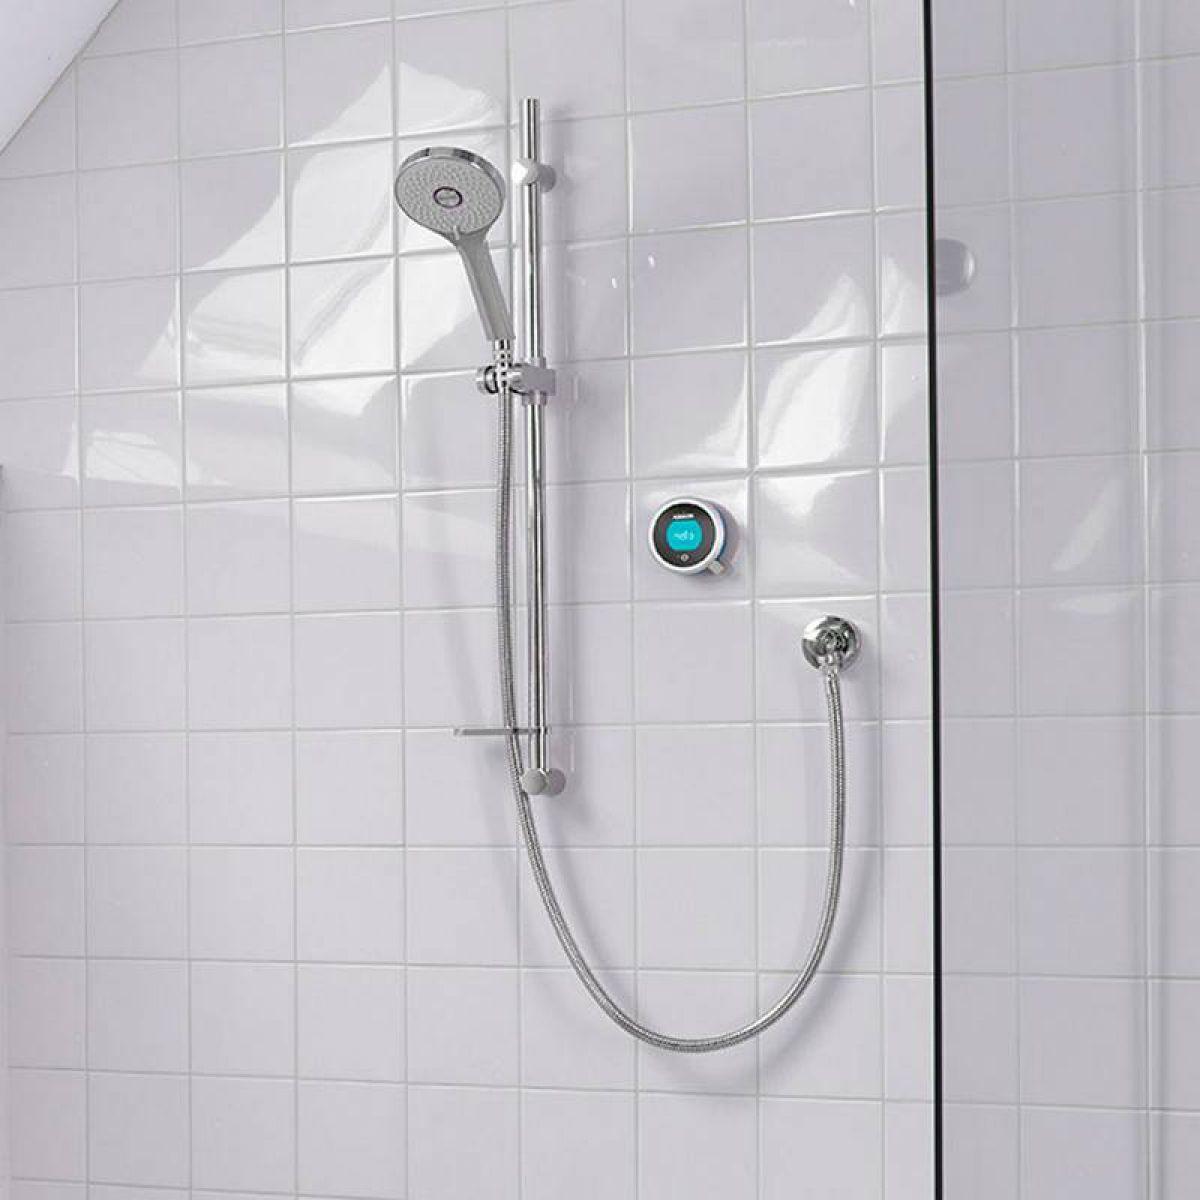 Aqualisa Q Smart Concealed Shower with Slide Rail Kit : UK Bathrooms